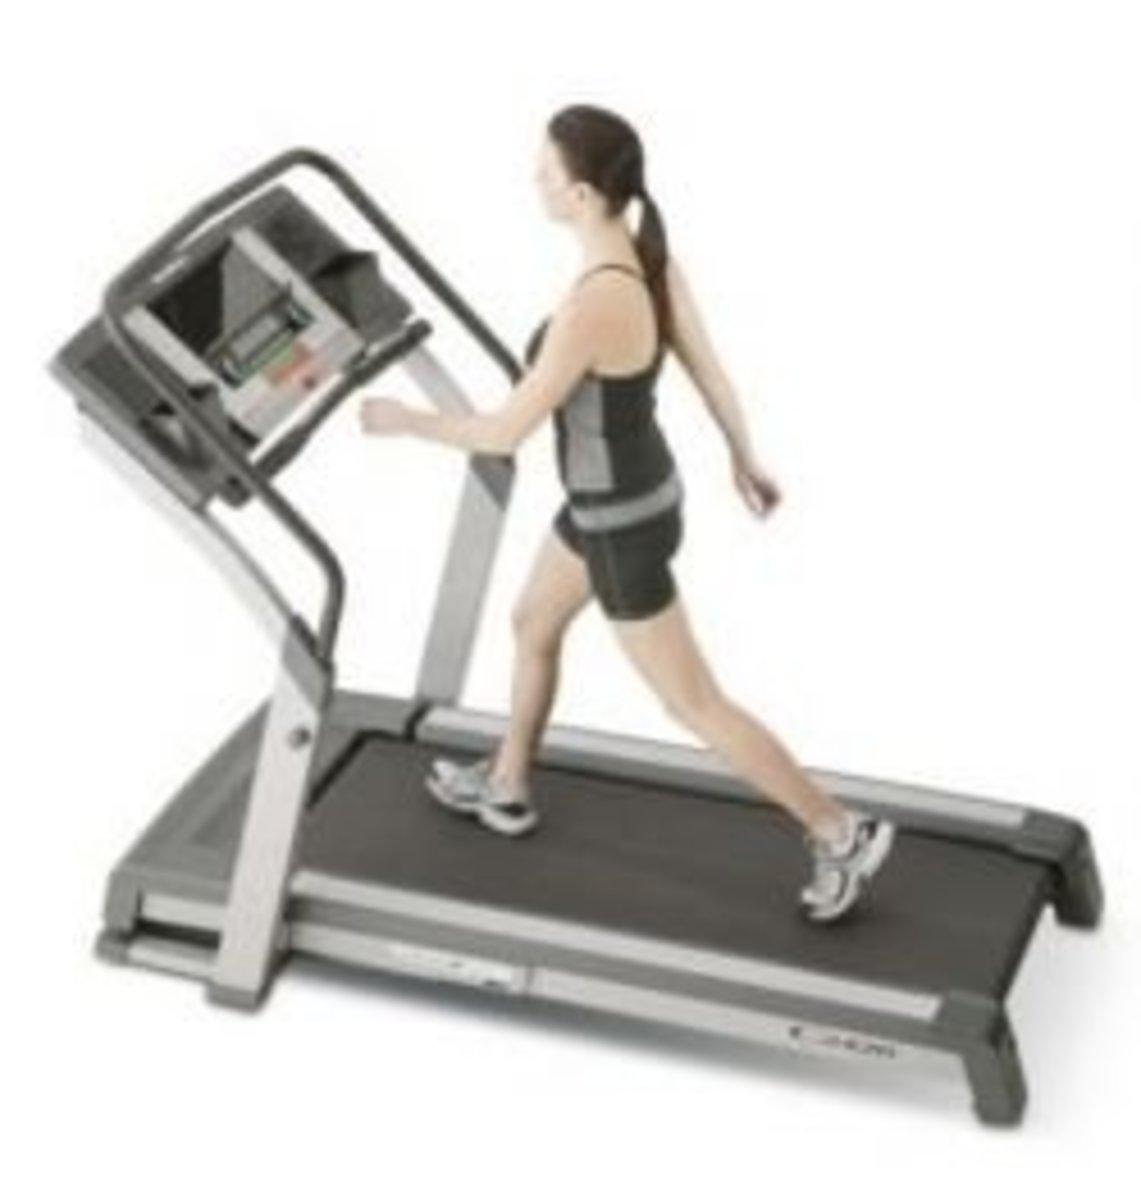 nordic-track-c2420-treadmill